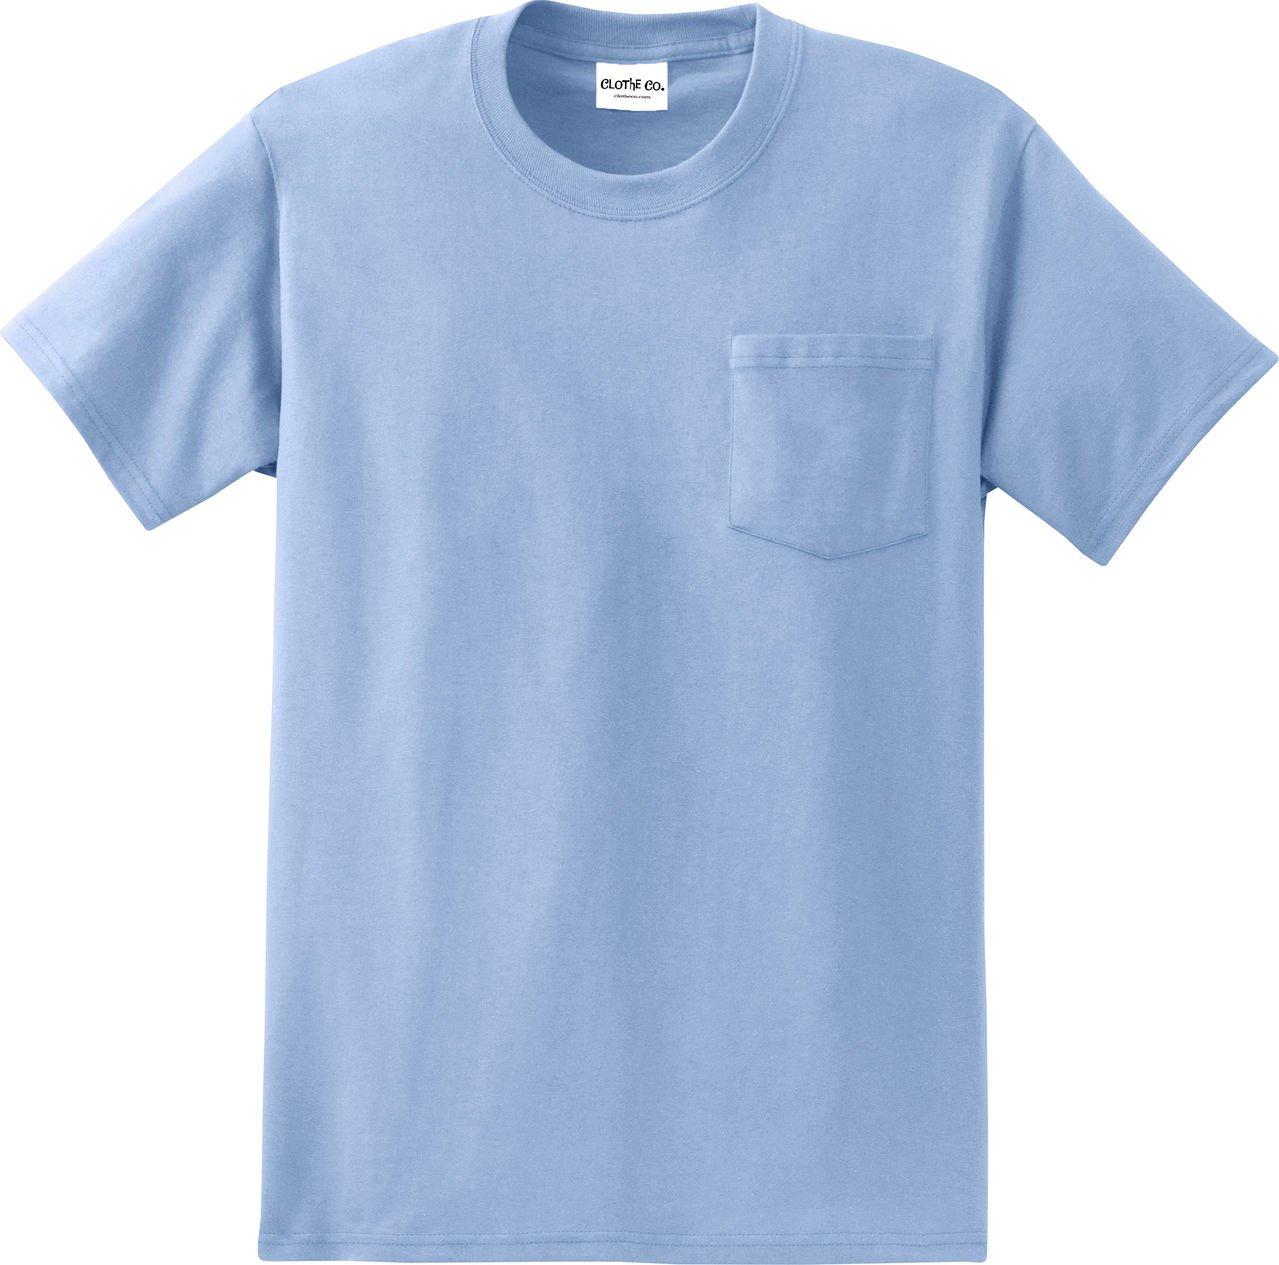 Clothe Co。メンズHeavyweight 100 %コットン半袖ポケットTシャツ B01BK6XQ3K L|ライトブルー ライトブルー L